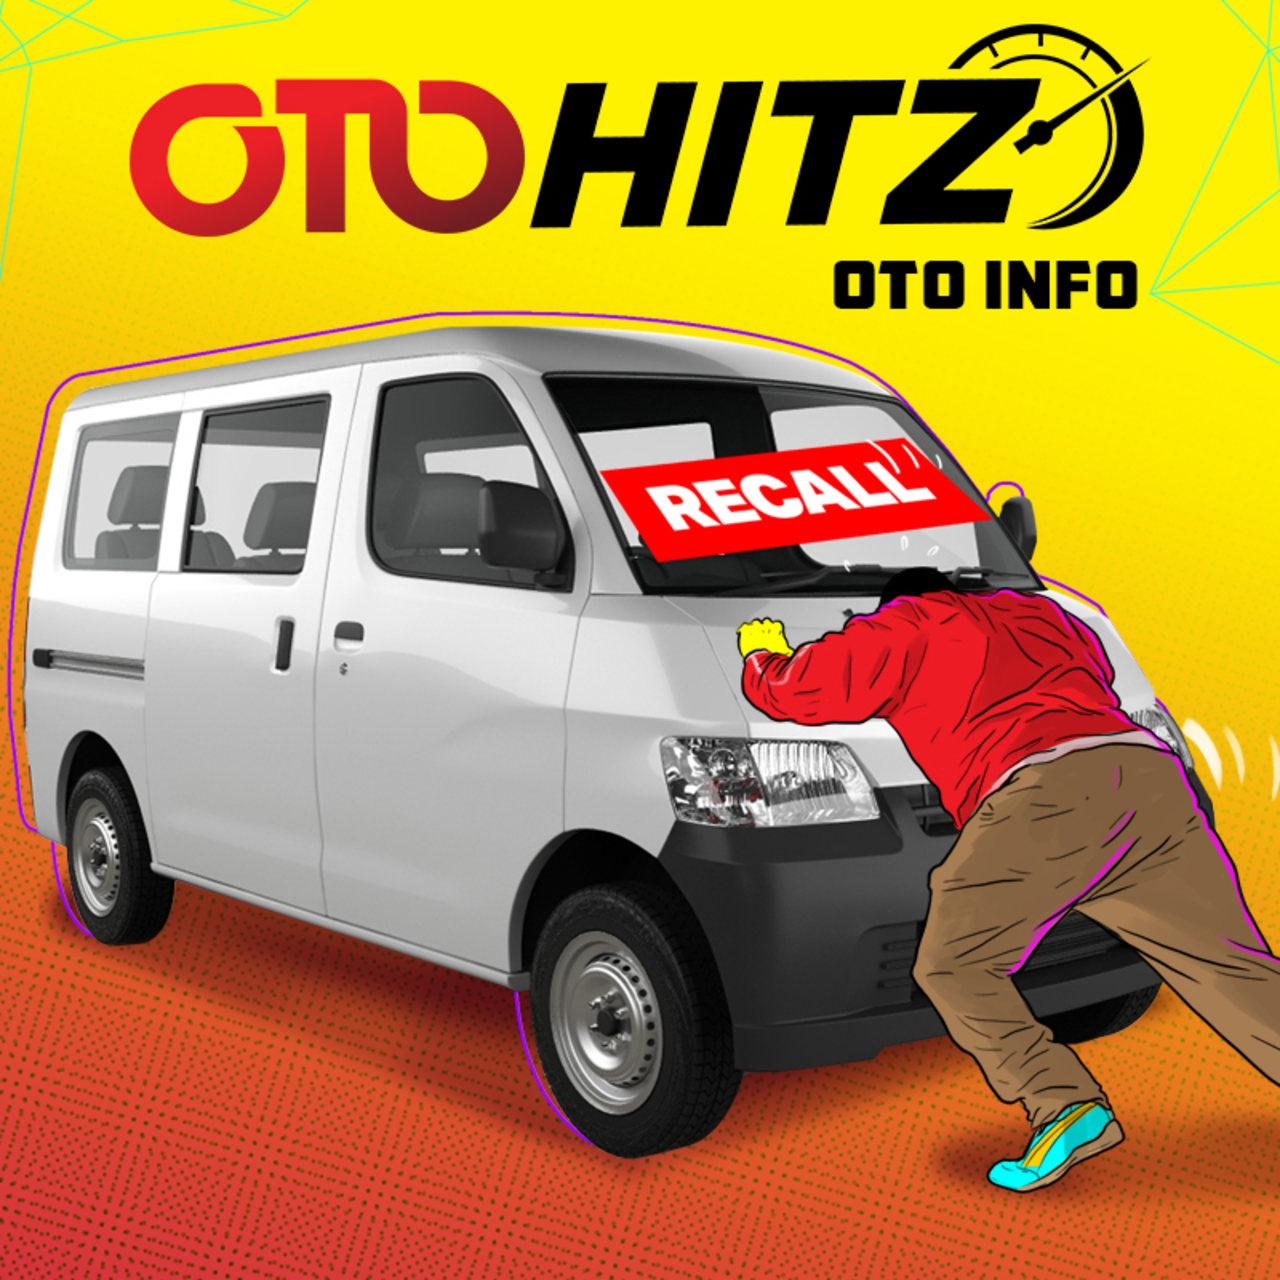 OTOHITZ V, OTO INFO, Recall, Daihatsu, Gran Max